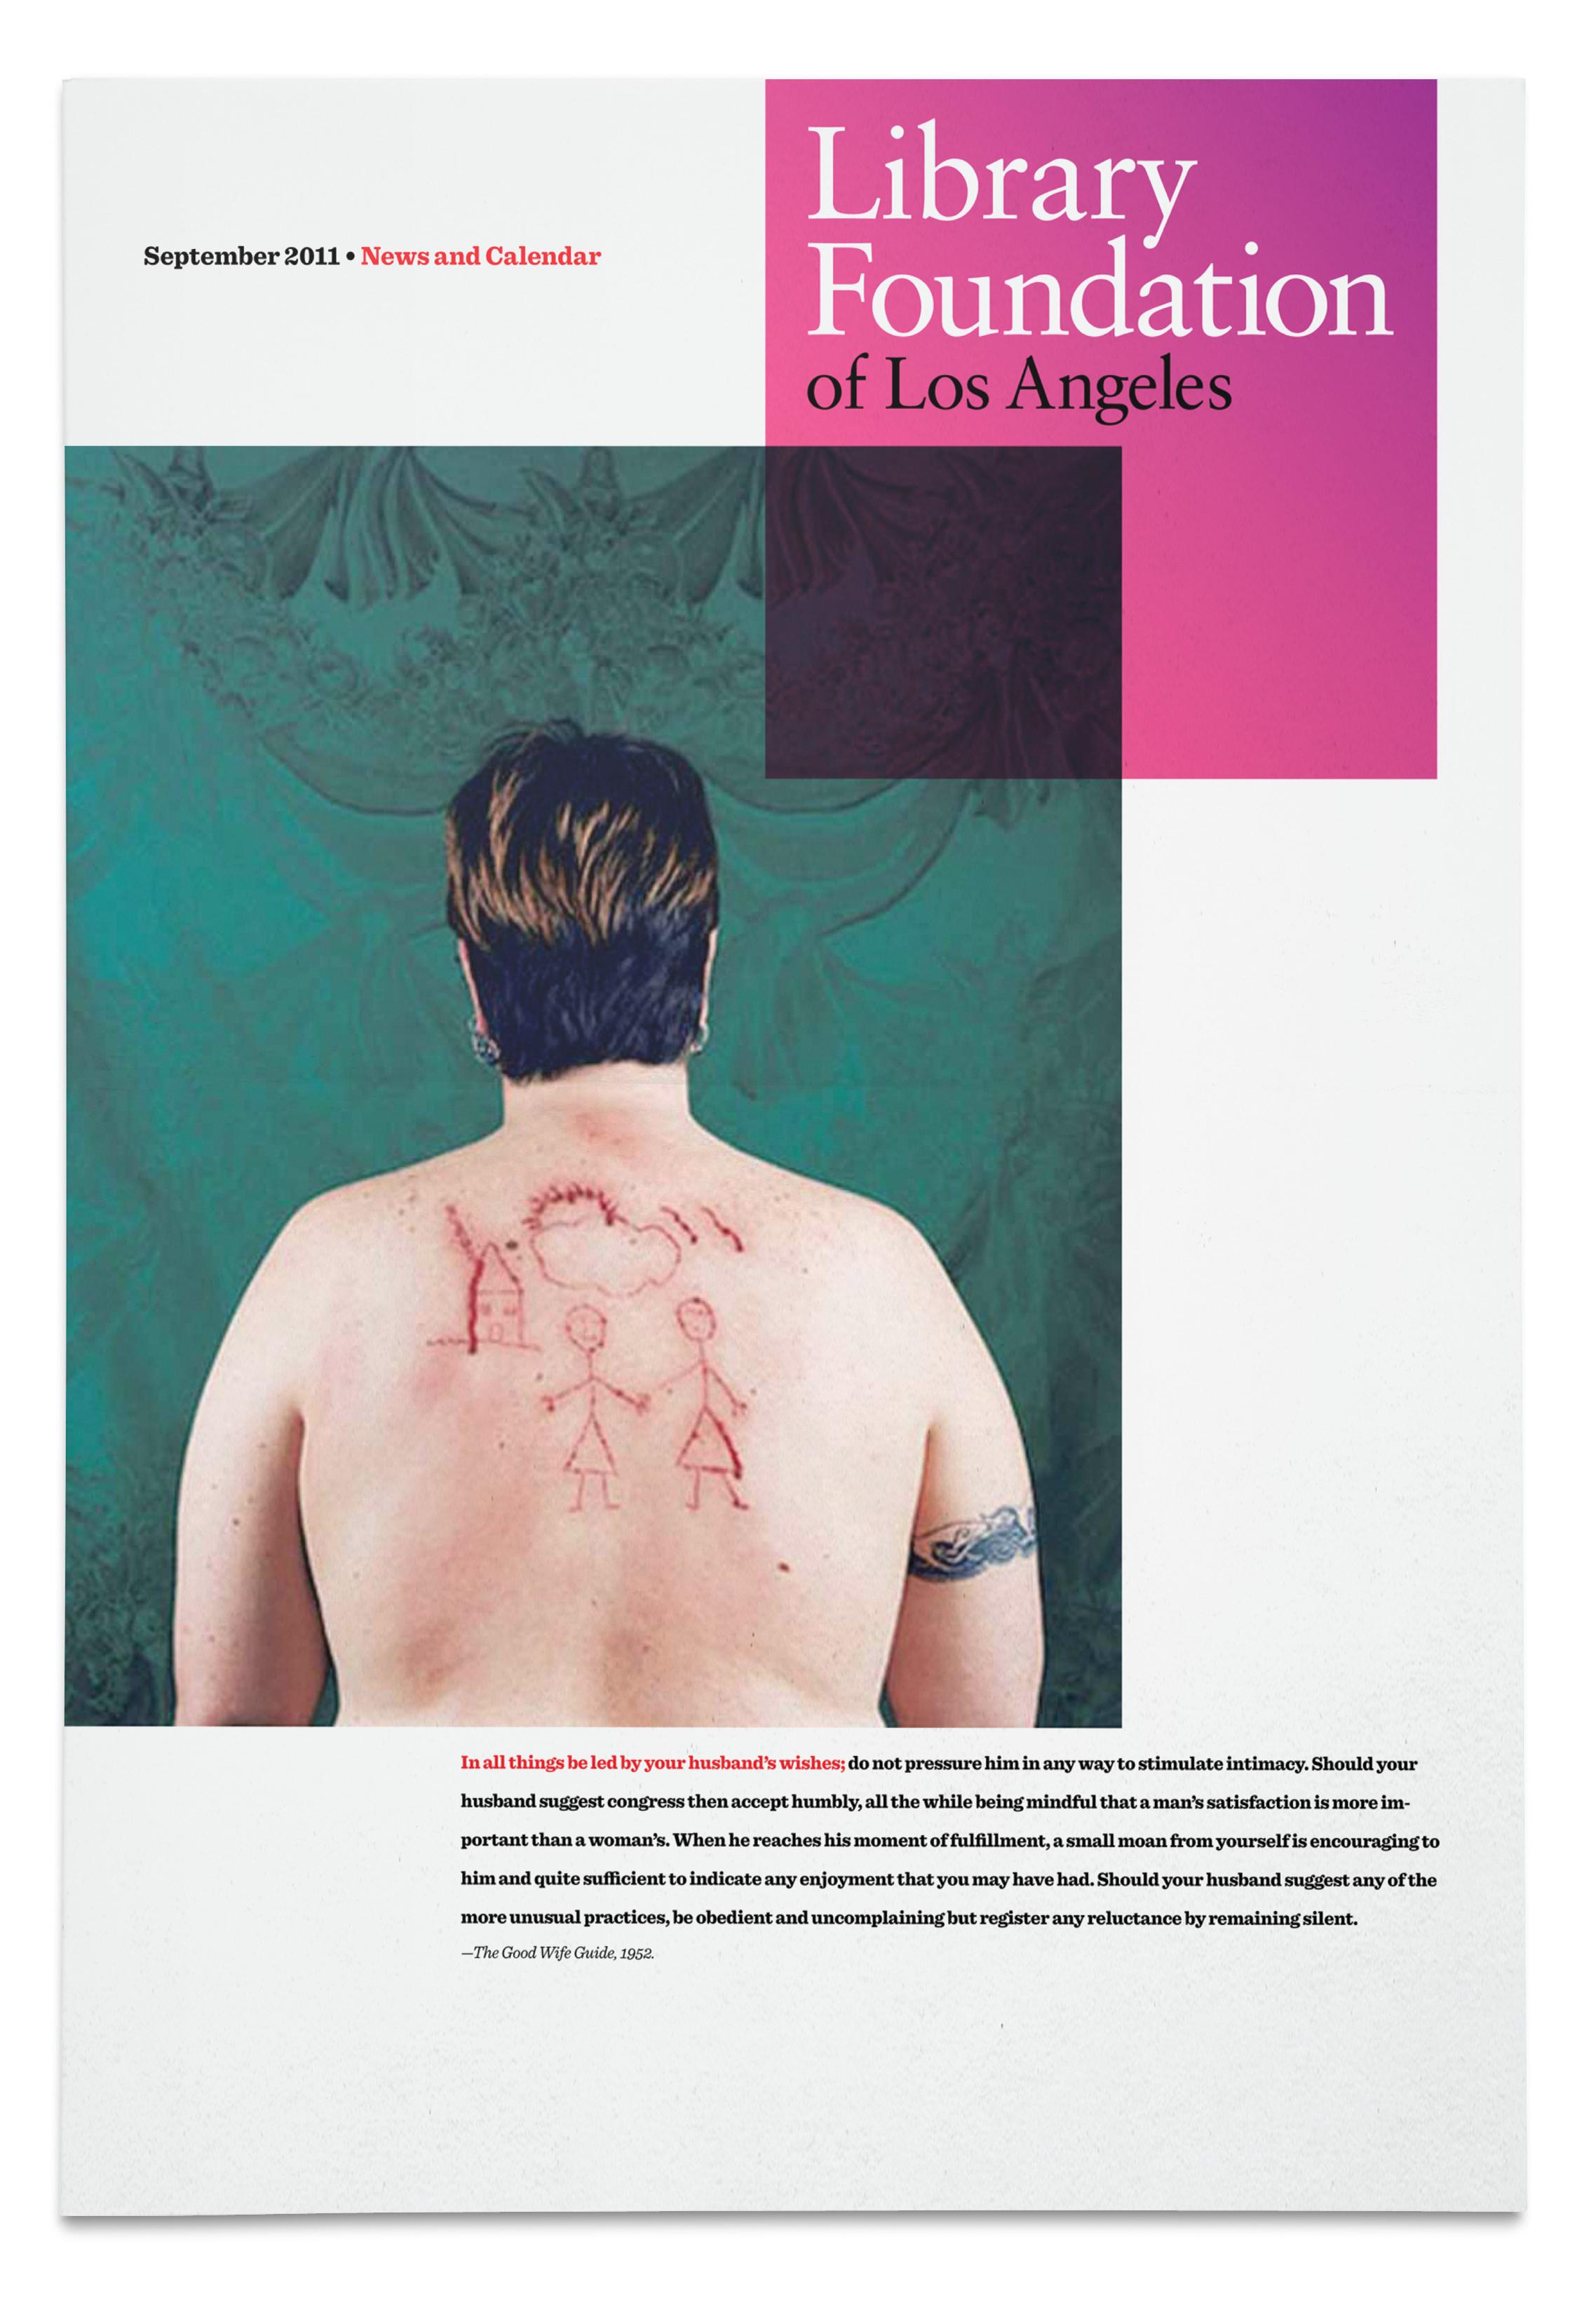 Brochure-0305-2015-08-20.jpg